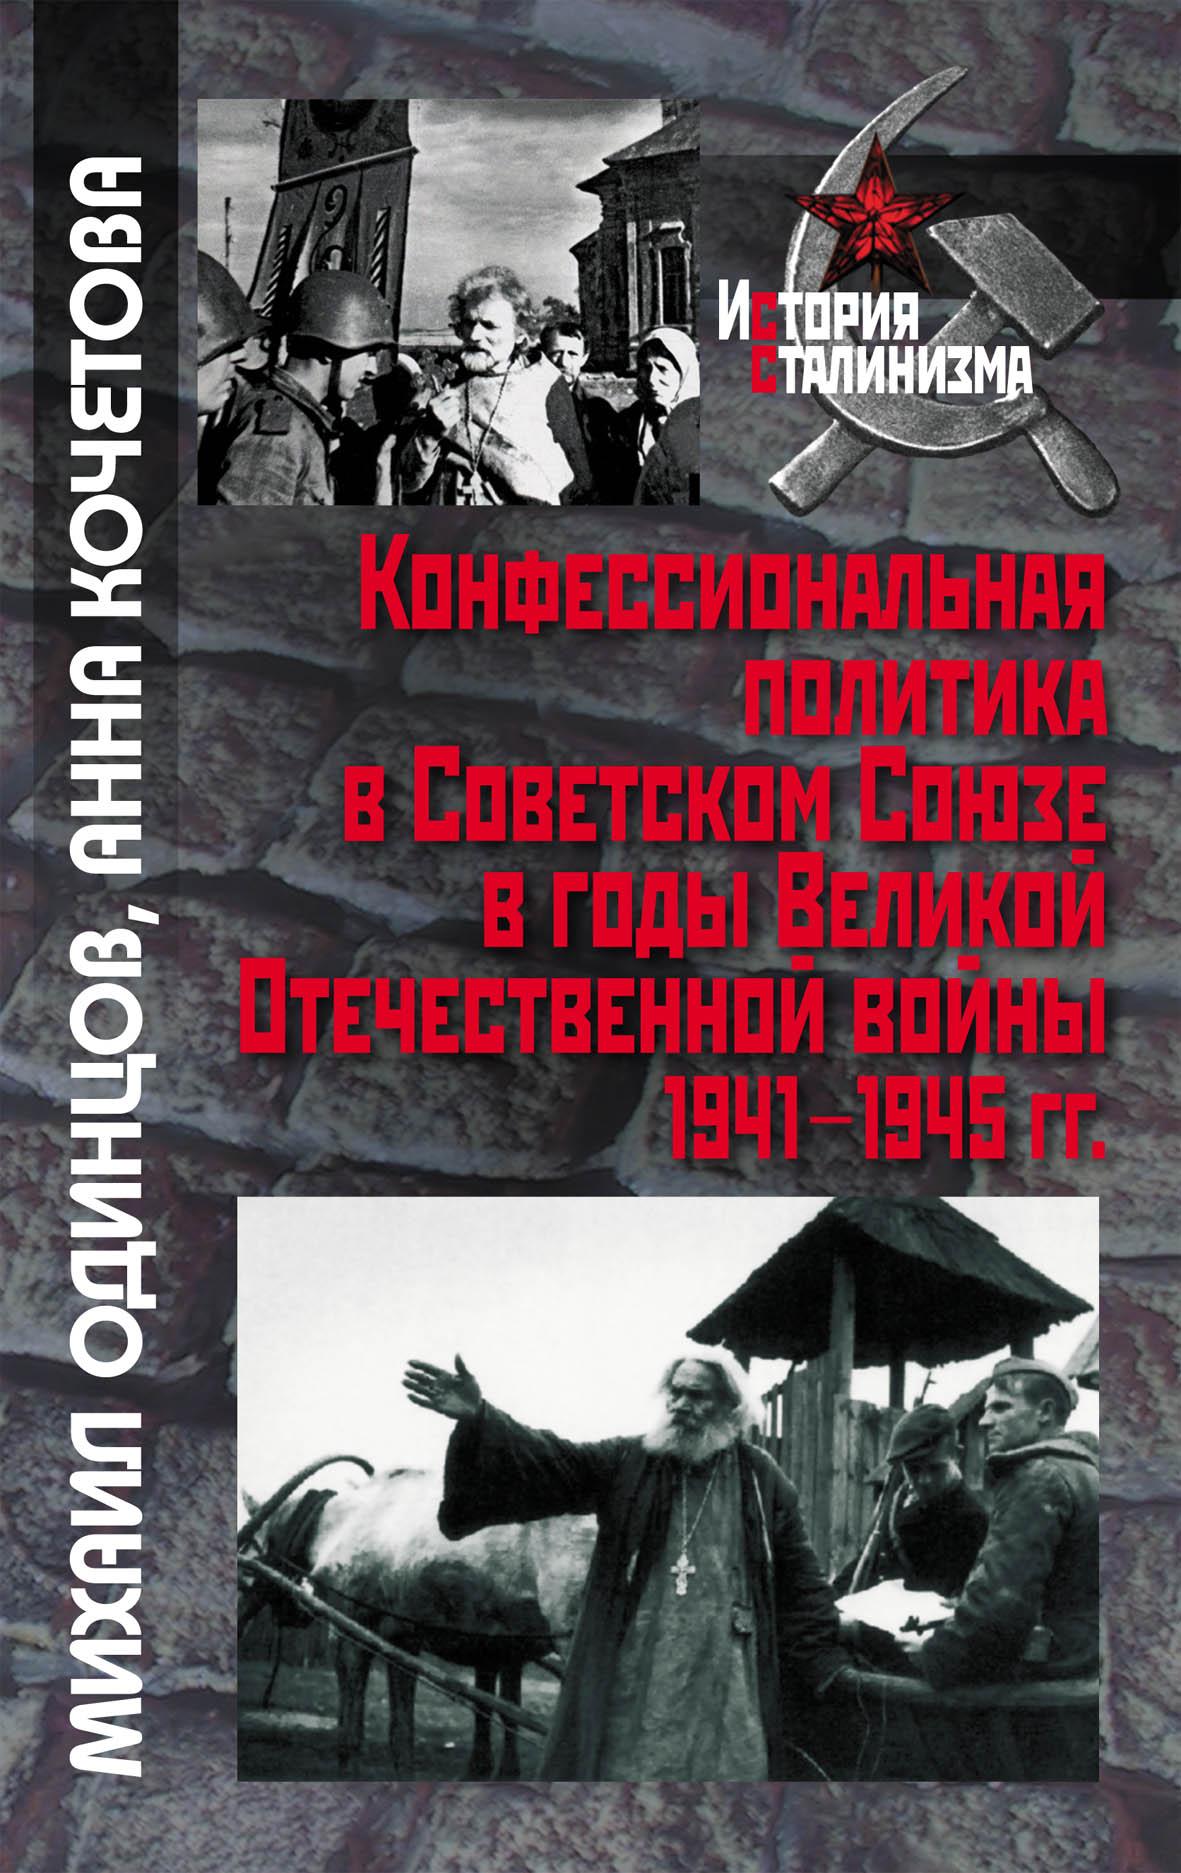 Одинцов М. И. Конфессиональная политика в Советском Союзе в годы Великой Отечественной войны 1941–1945 гг.